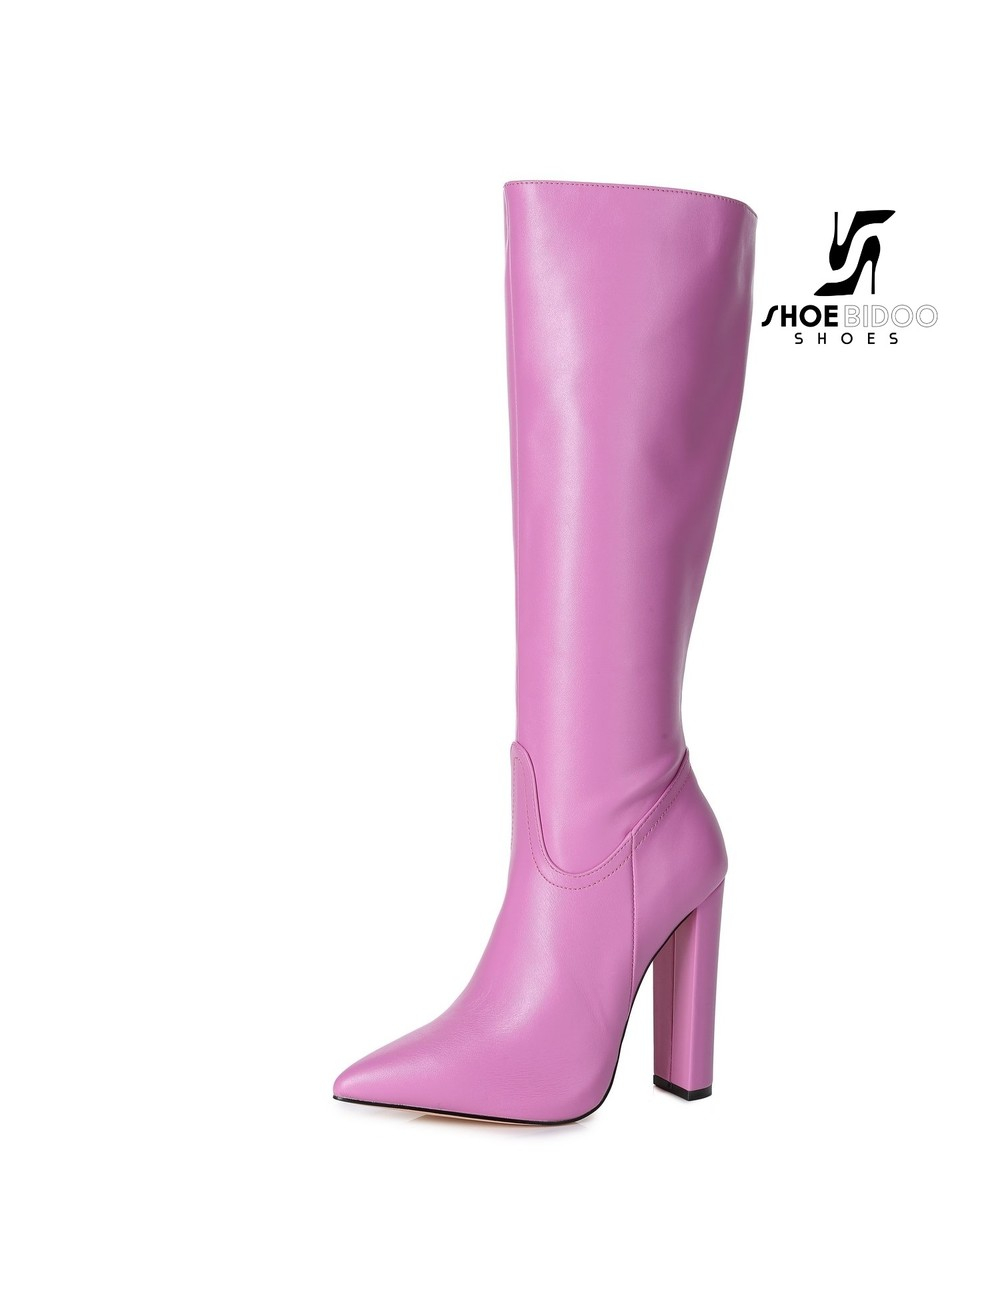 Giaro Giaro fashion knee boots TAKEN in Pink